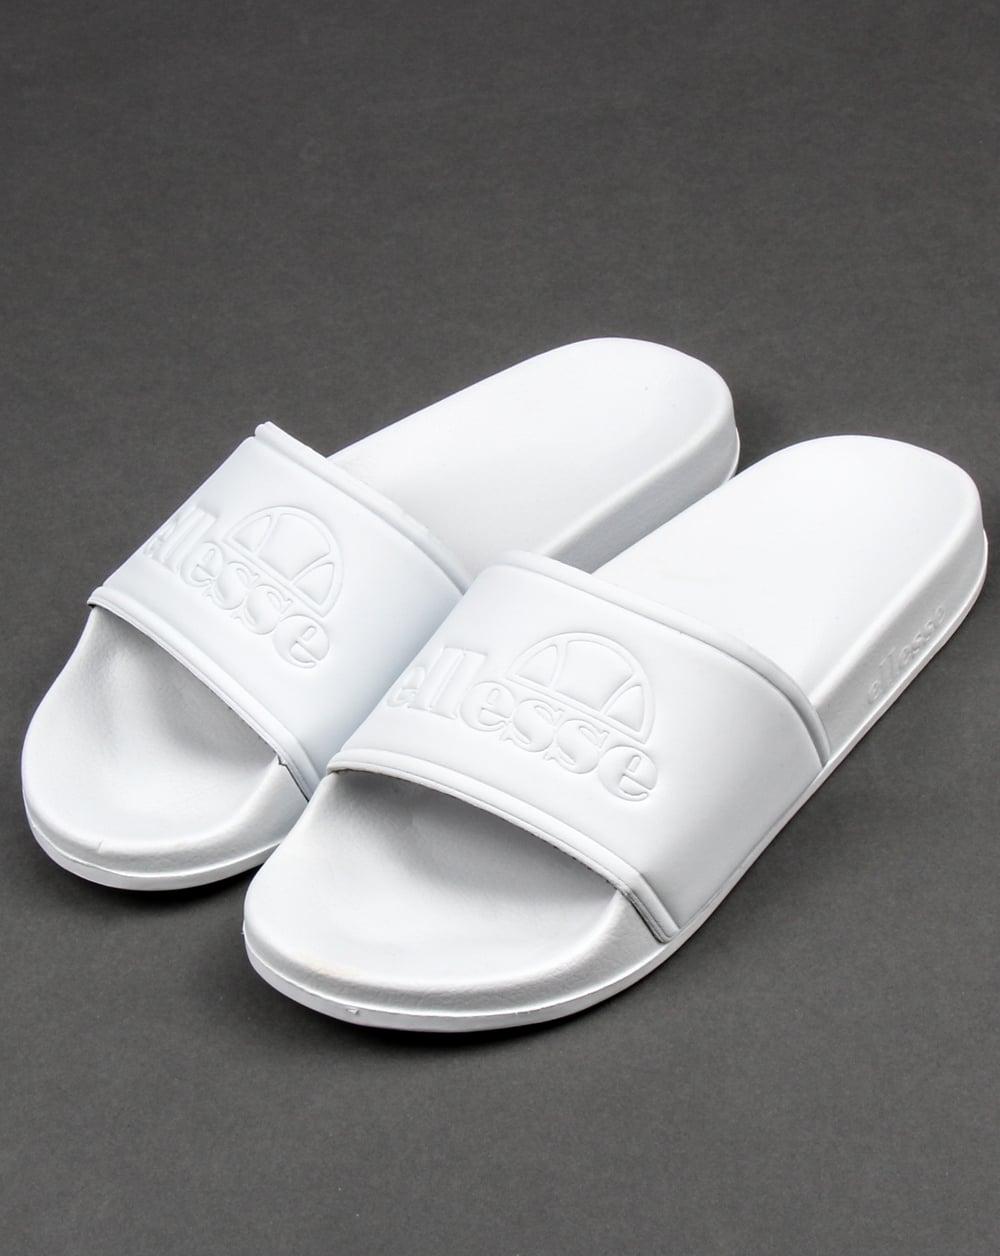 Ellesse Fillipo Sliders White Mono Flip Flops Sandal